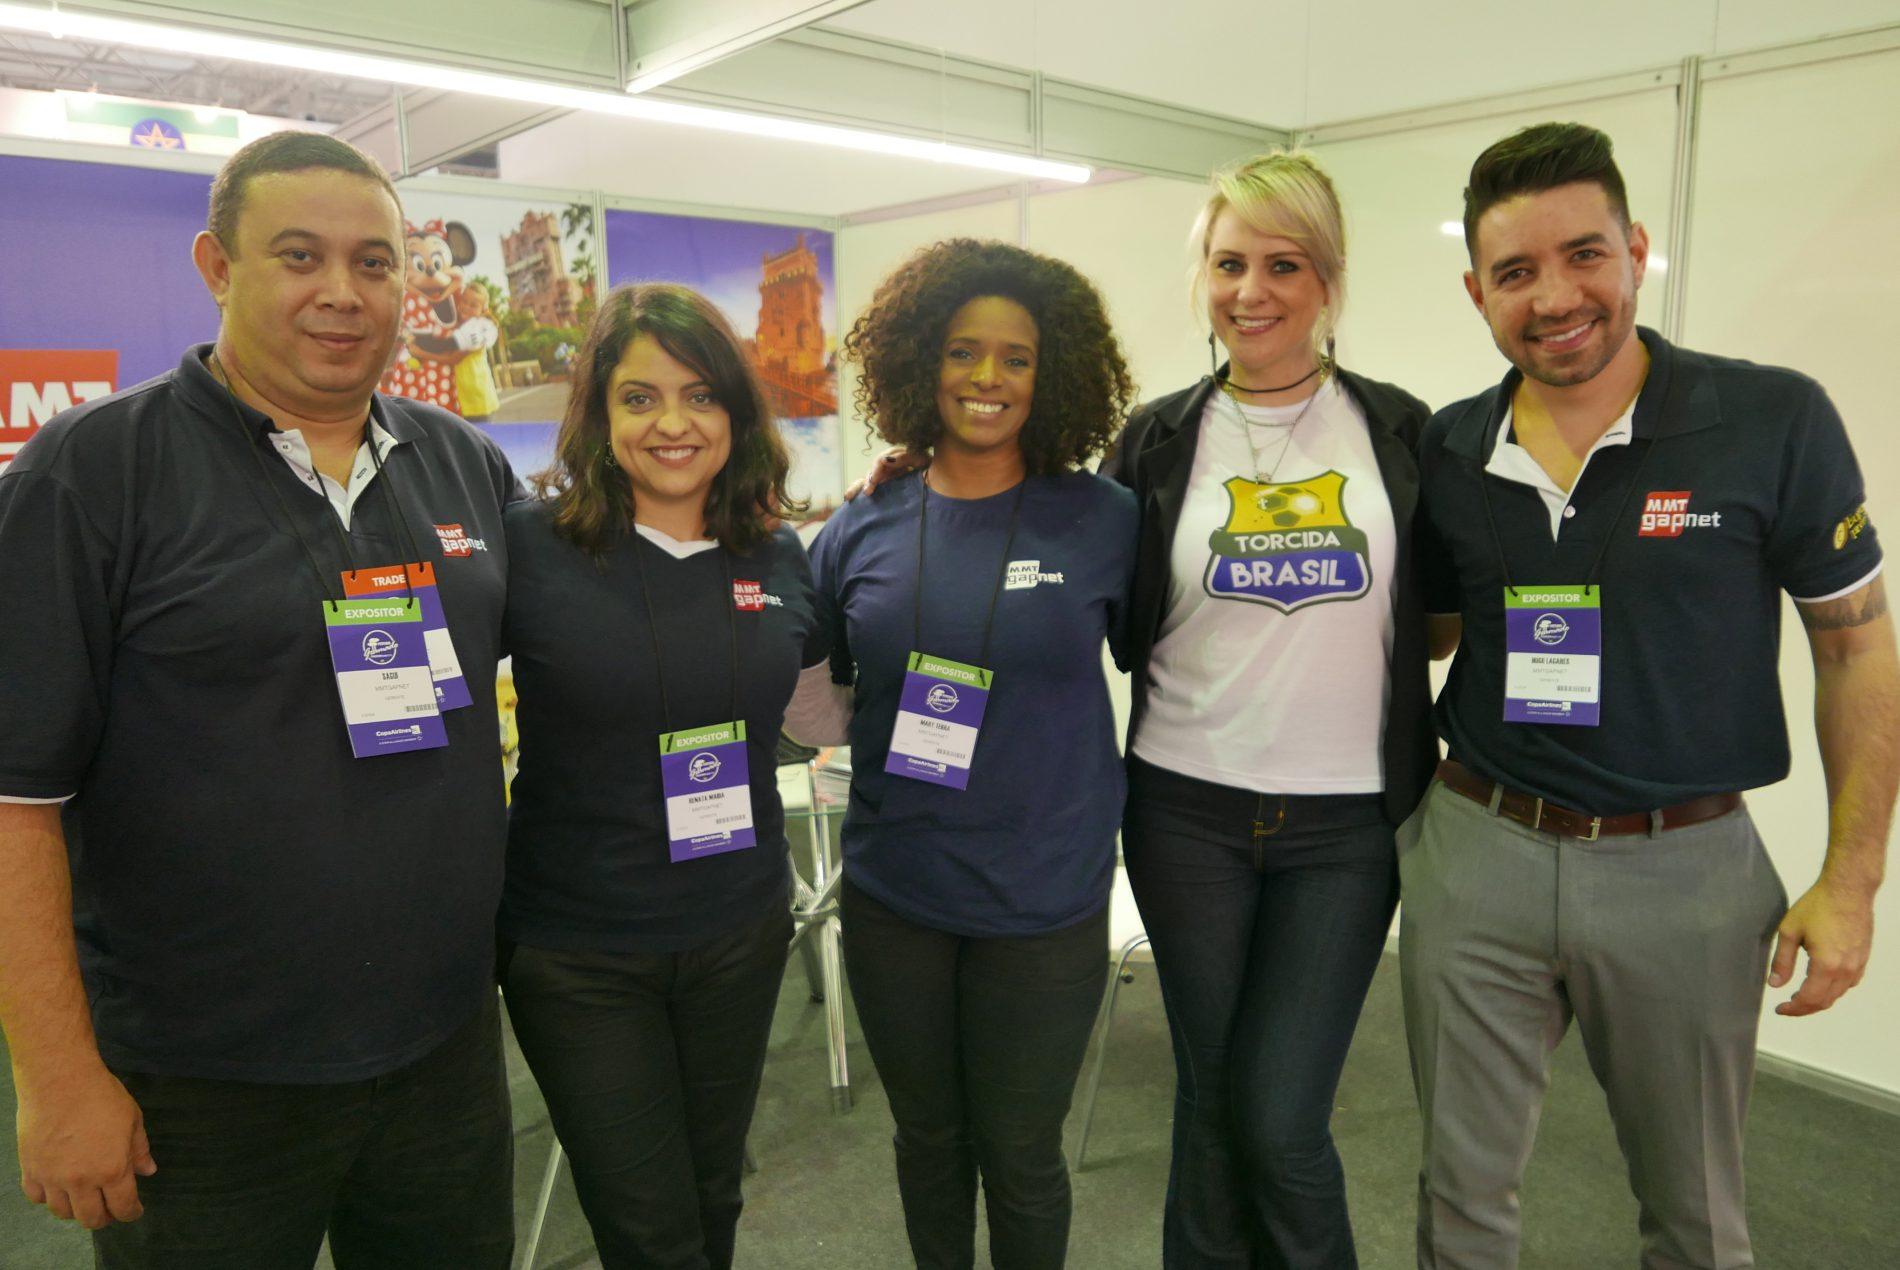 Sagui Silva, Renata Maida, Mary Terra e Hugo Lagares, da MMTGapnet, no estande da operadora